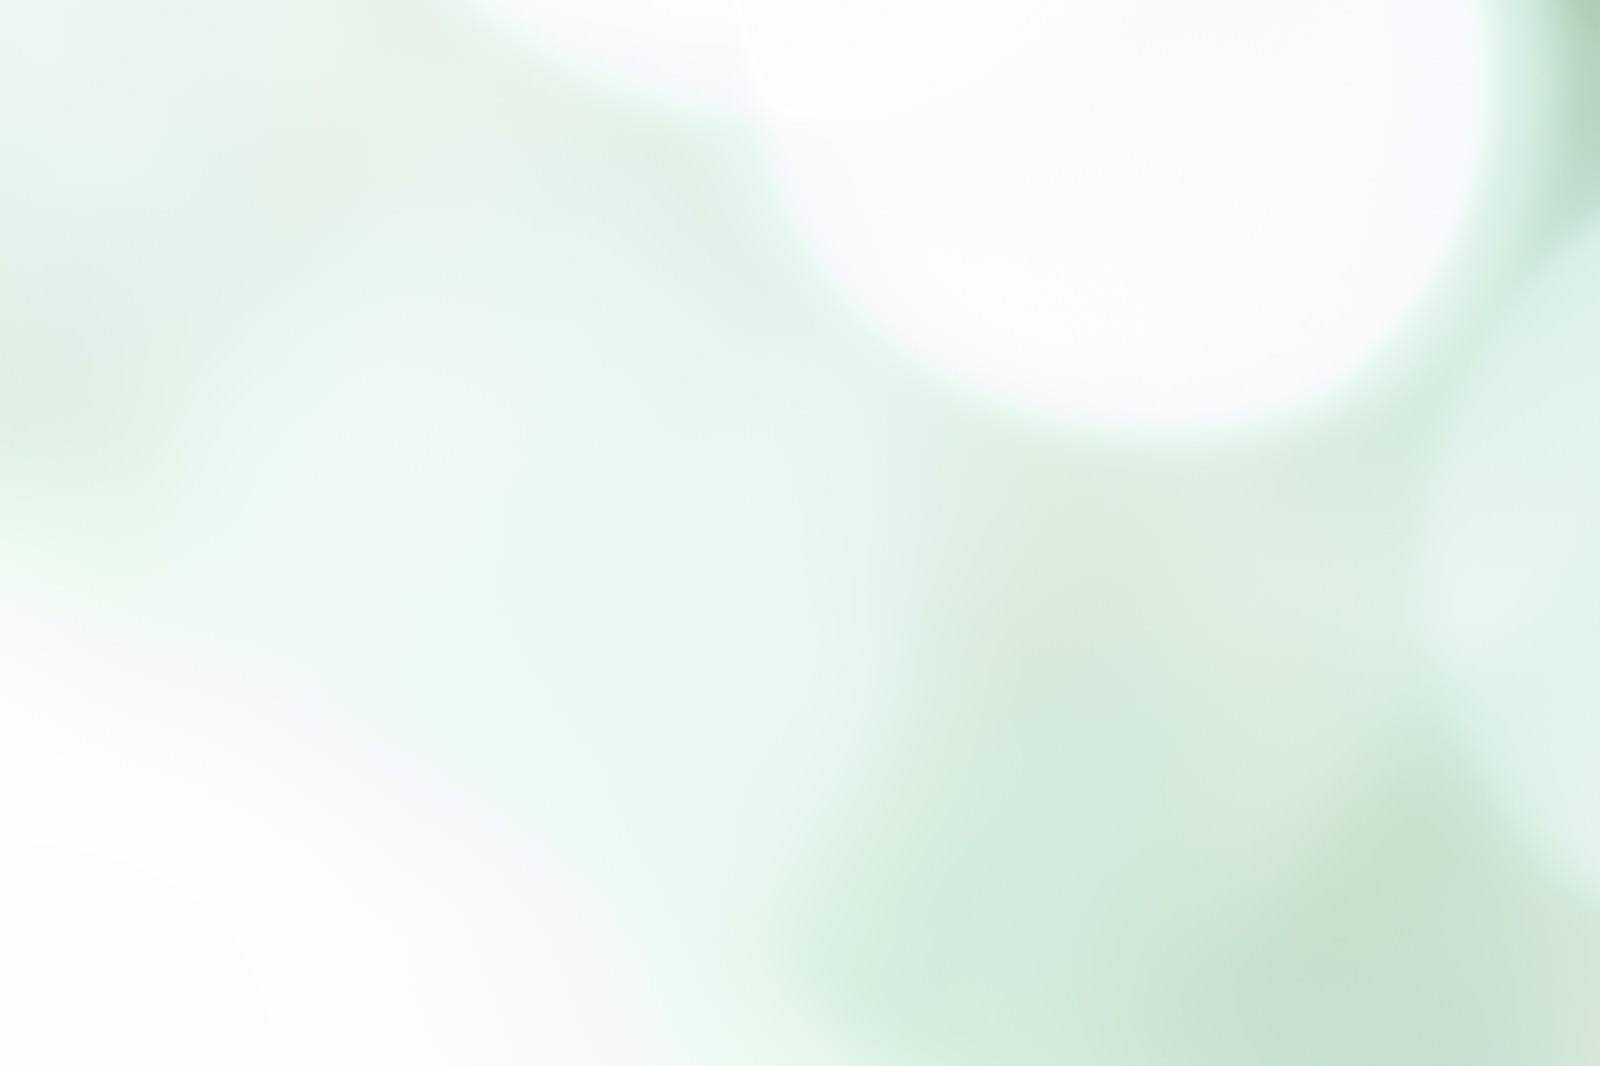 「淡く緑の光」の写真